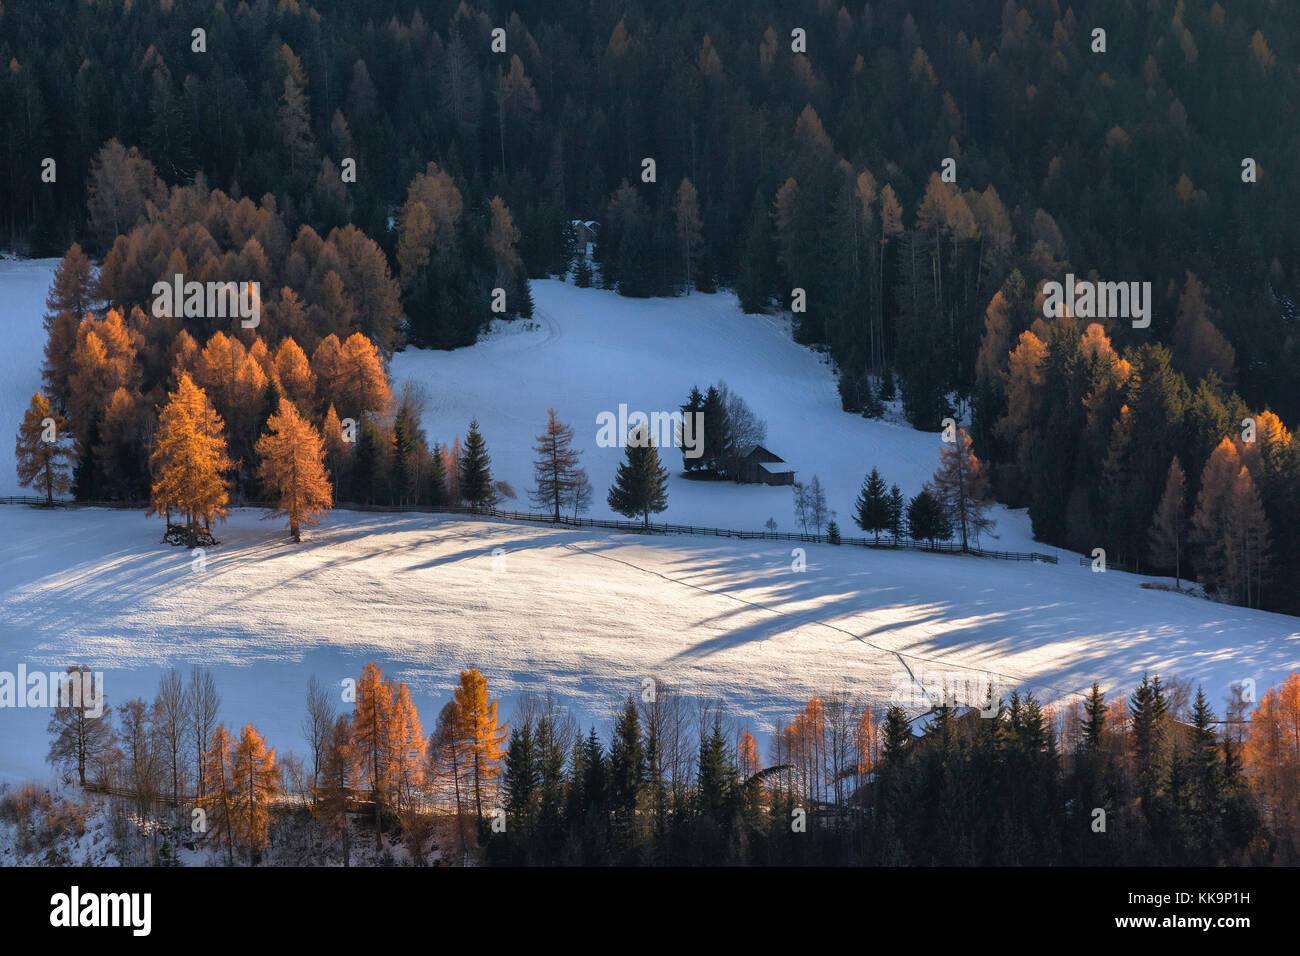 Maison solitaire dans la forêt en son surround f St. Maddalena village, Dolomites, Italie Photo Stock